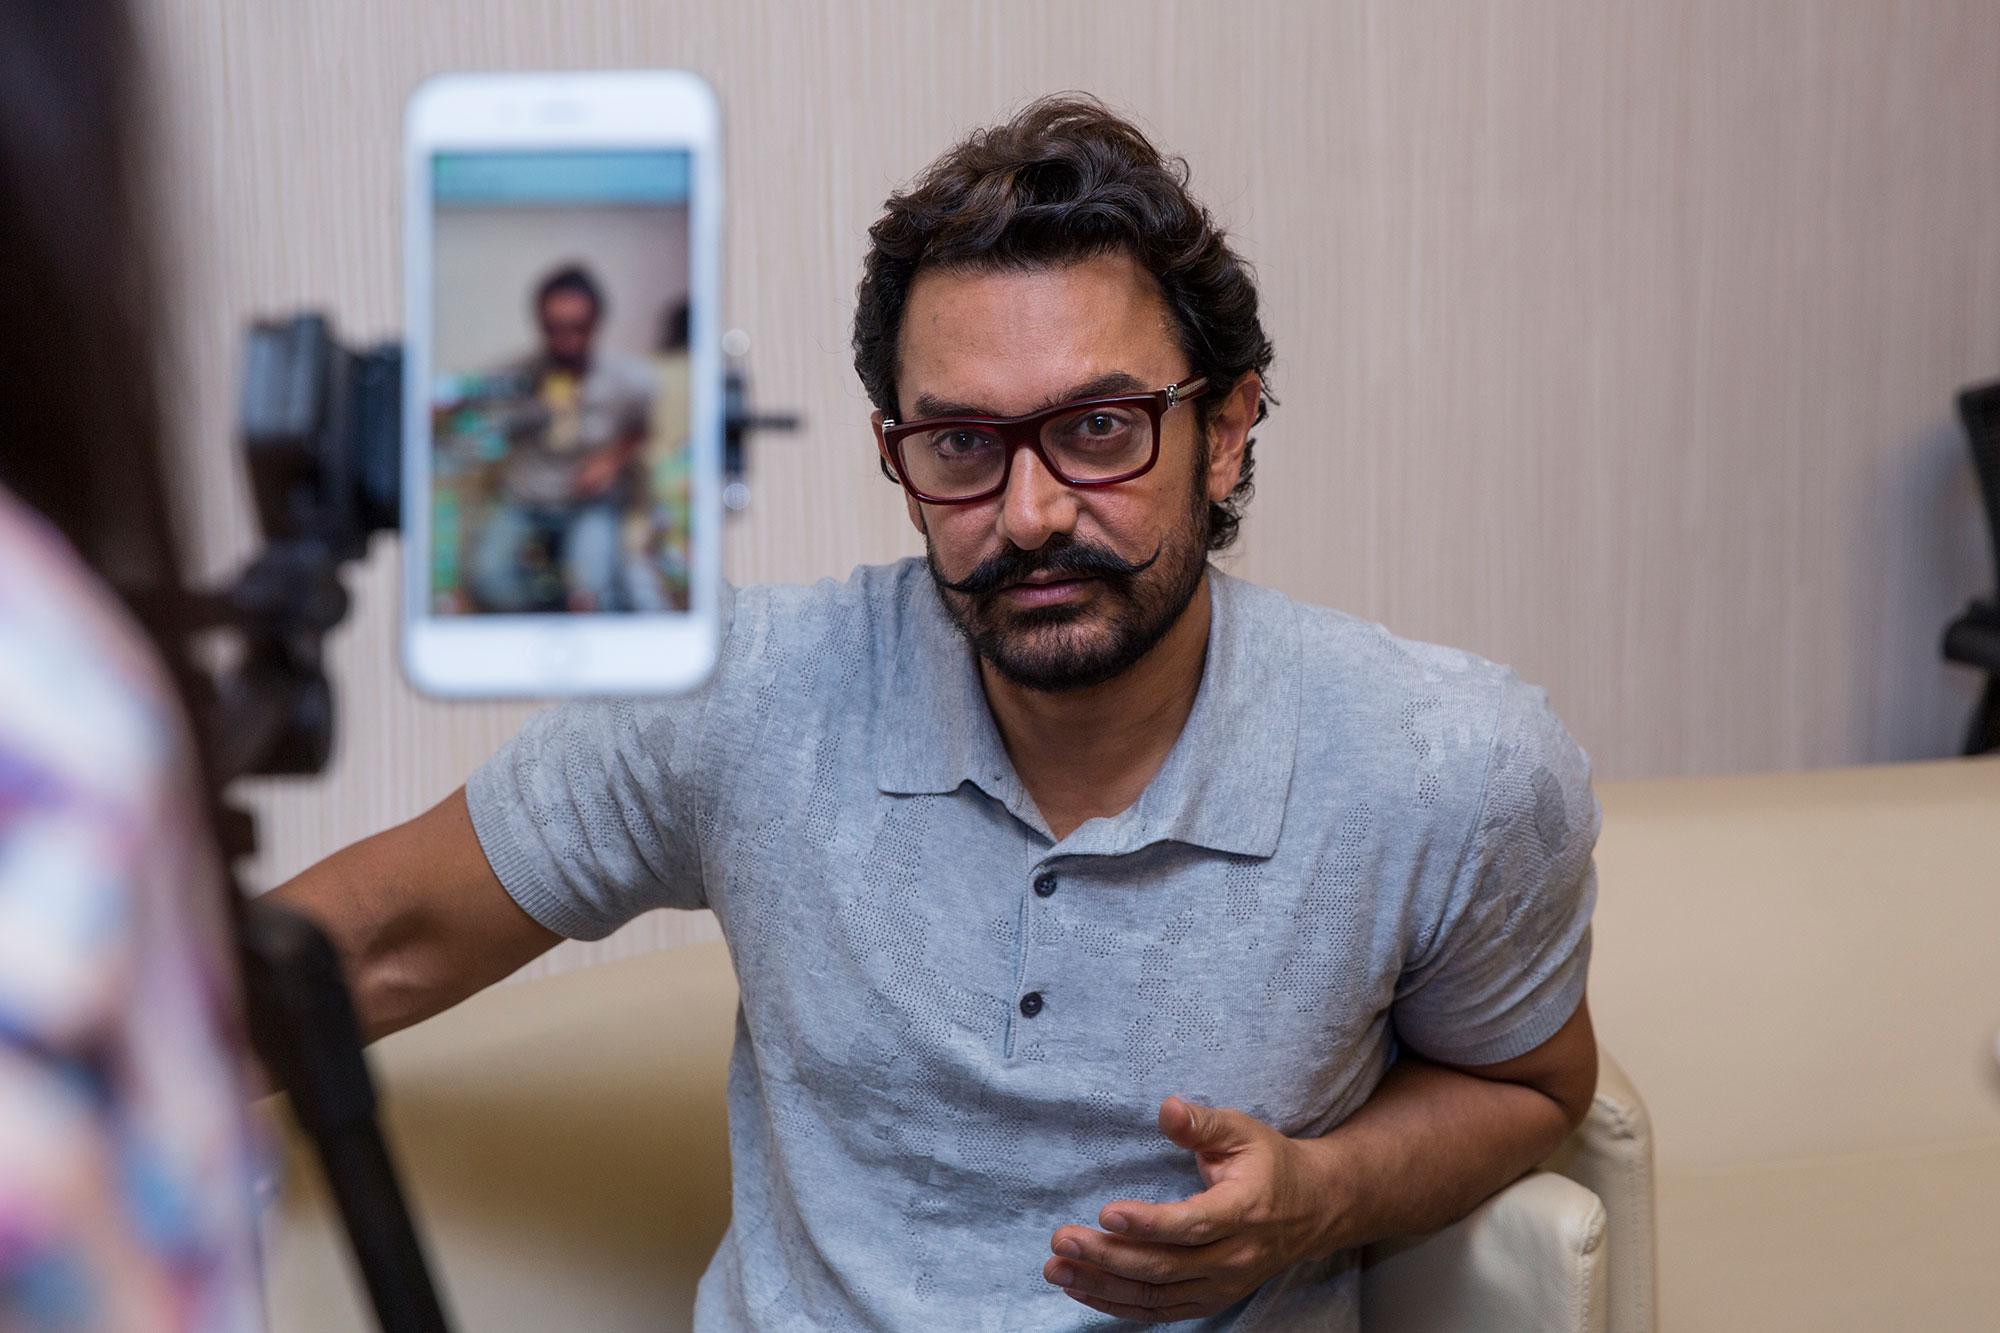 印度良心。北京,印度影星阿米尔汗来华,在直播中宣传影片《摔跤吧,爸爸》。